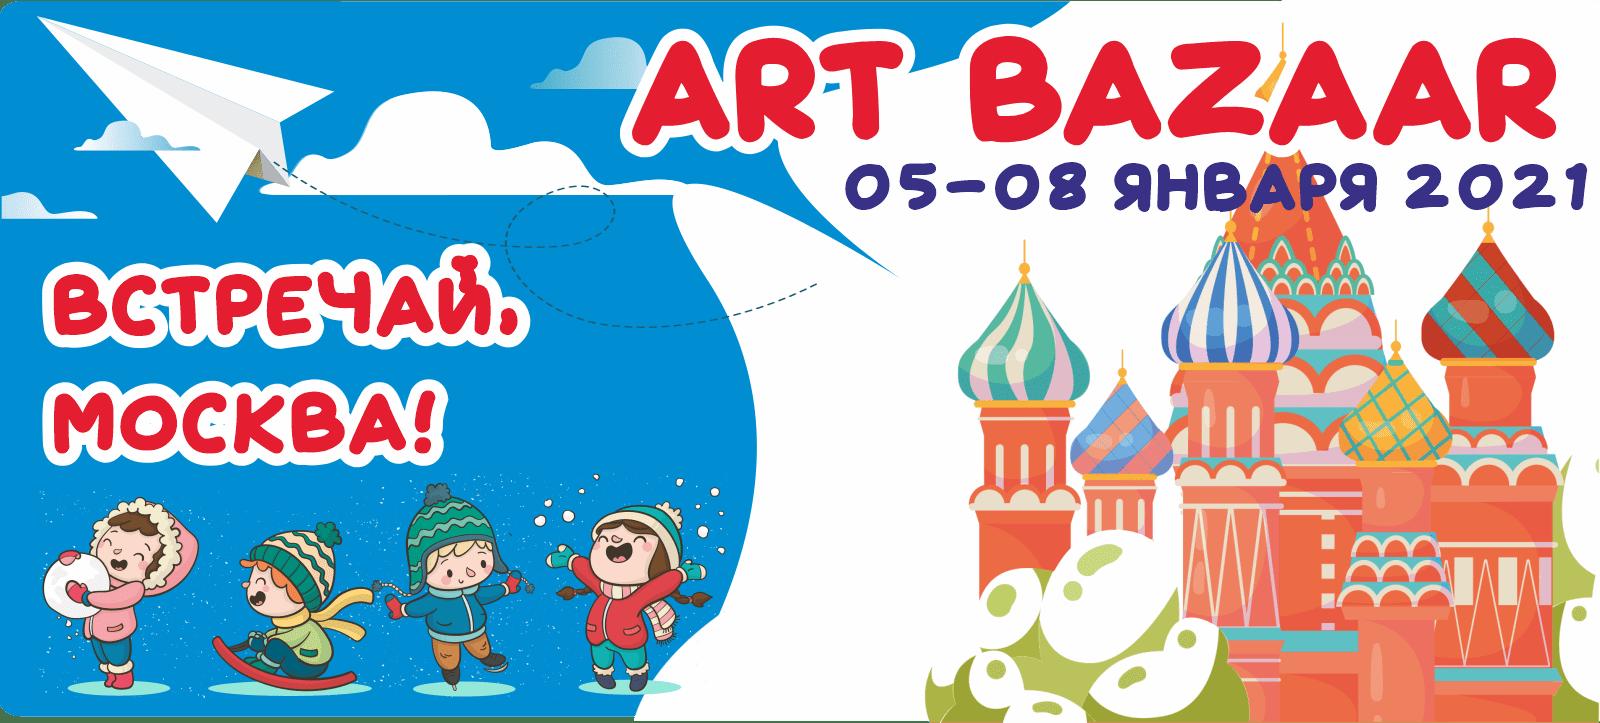 Рождественский конкурс фестиваль Арт Базар 2021 Москва